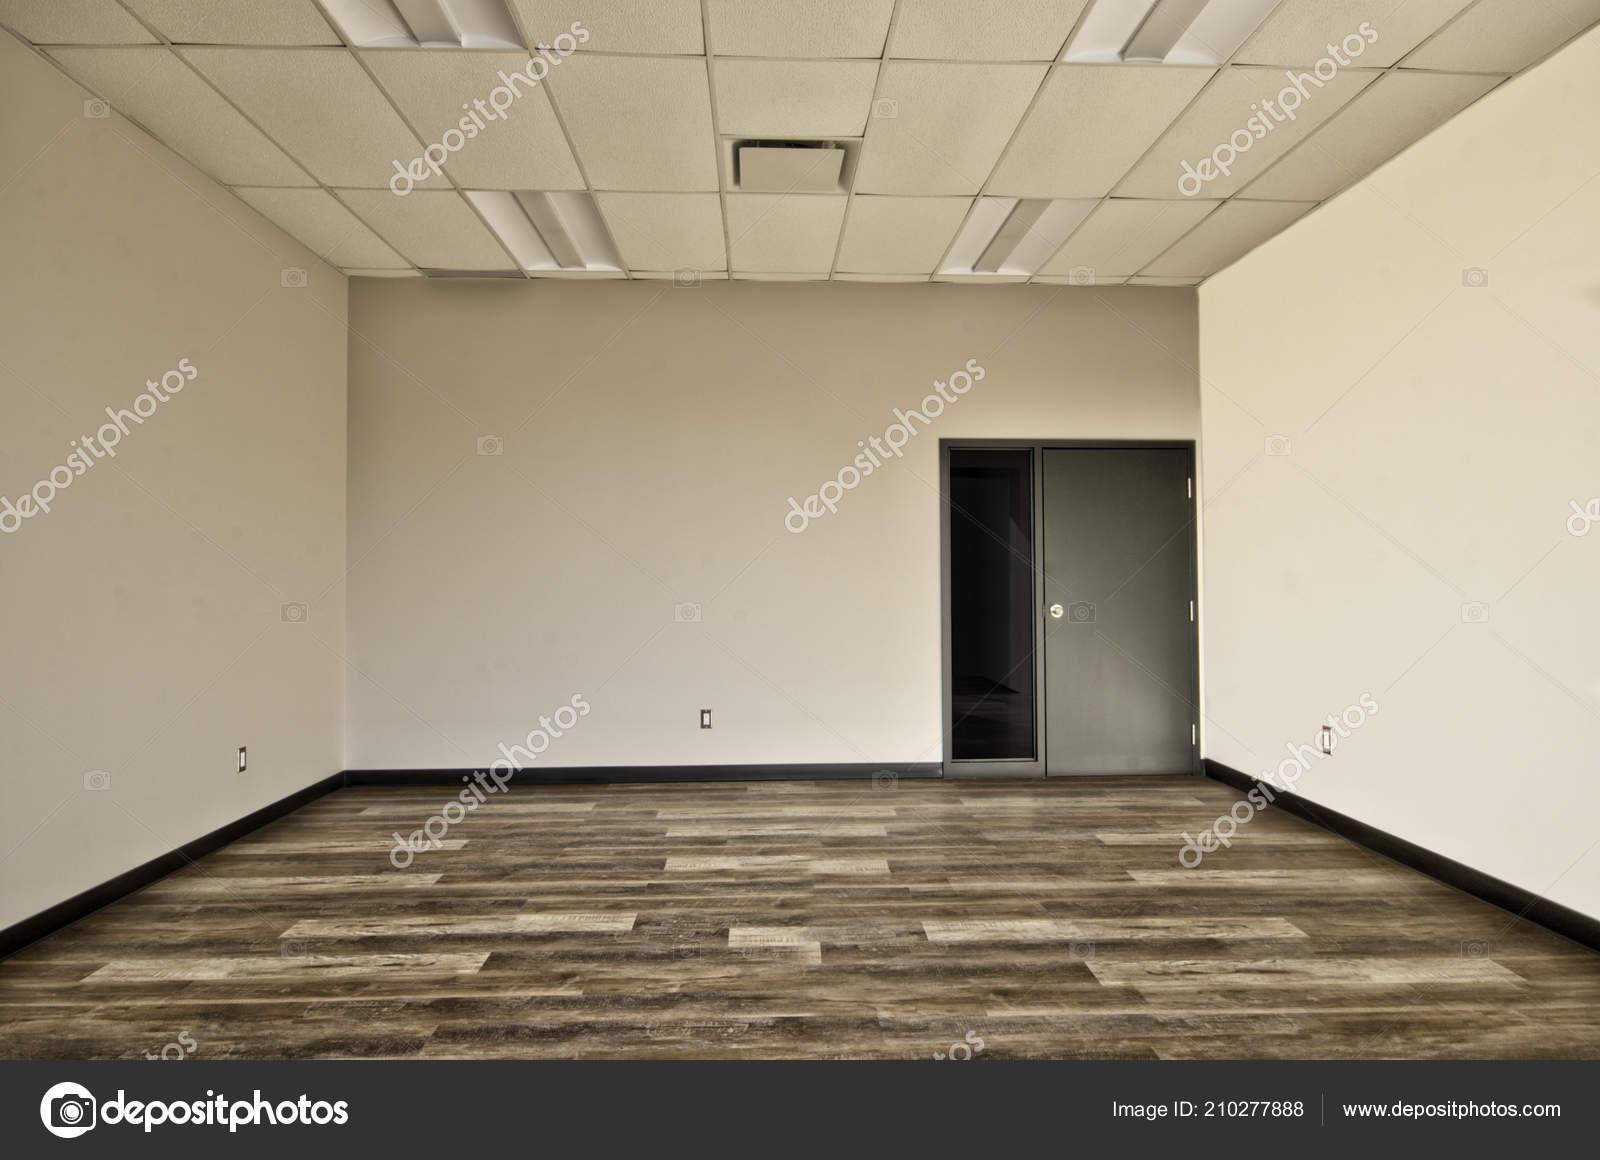 Pareti Beige E Grigio : Interni ufficio vuoto camera pavimento legno pareti beige grigio